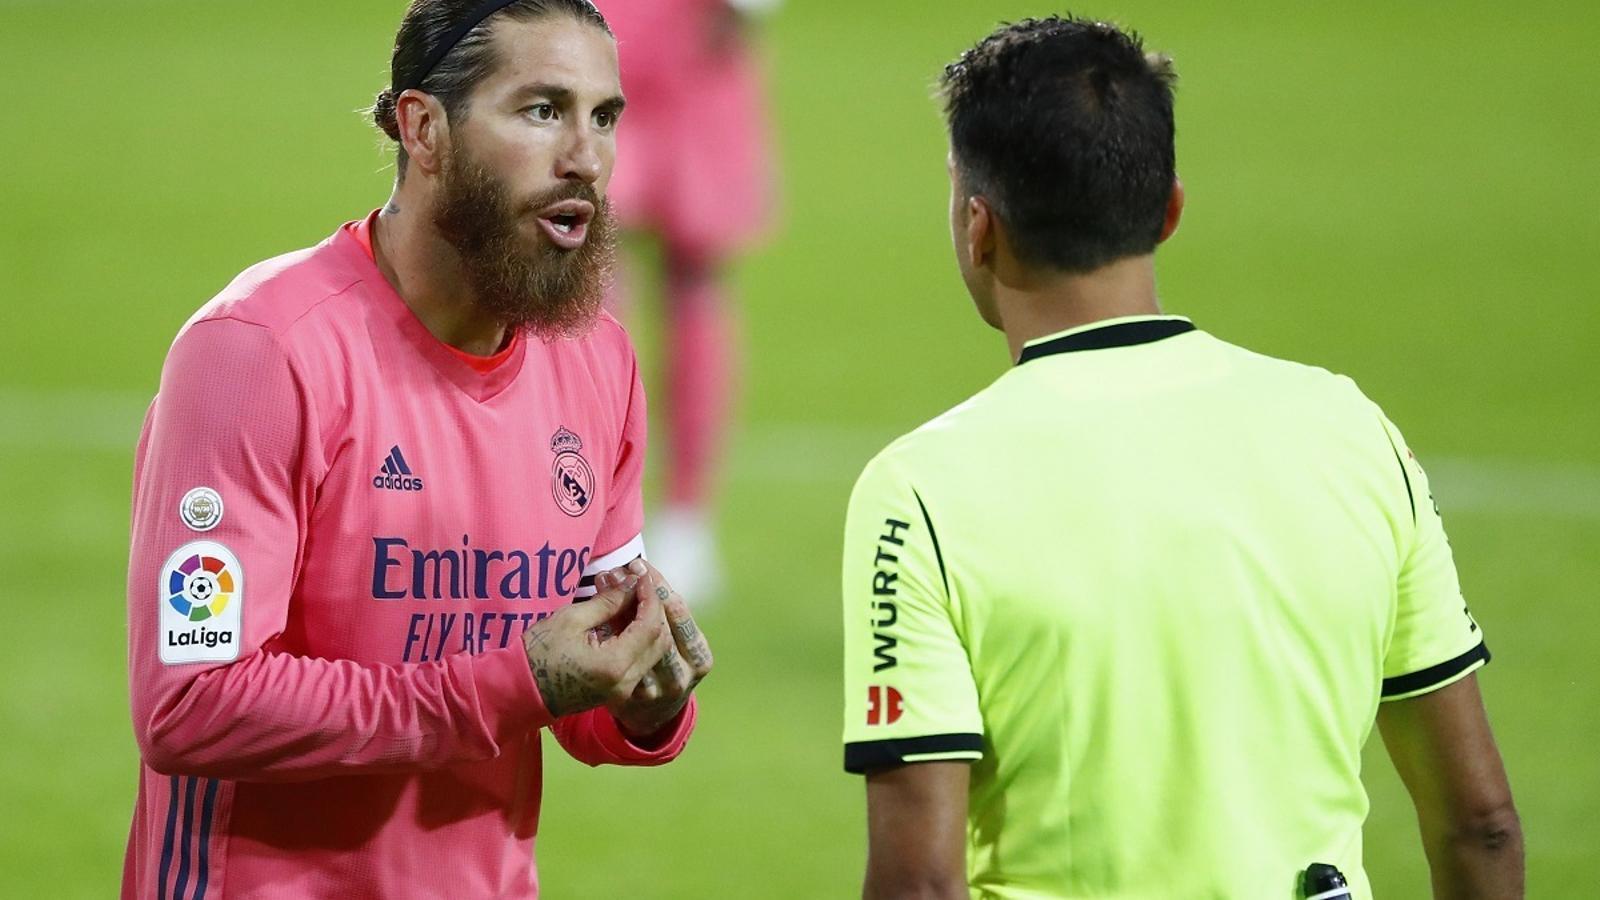 Derrota històrica del Madrid a València amb tres penals en contra (4-1)